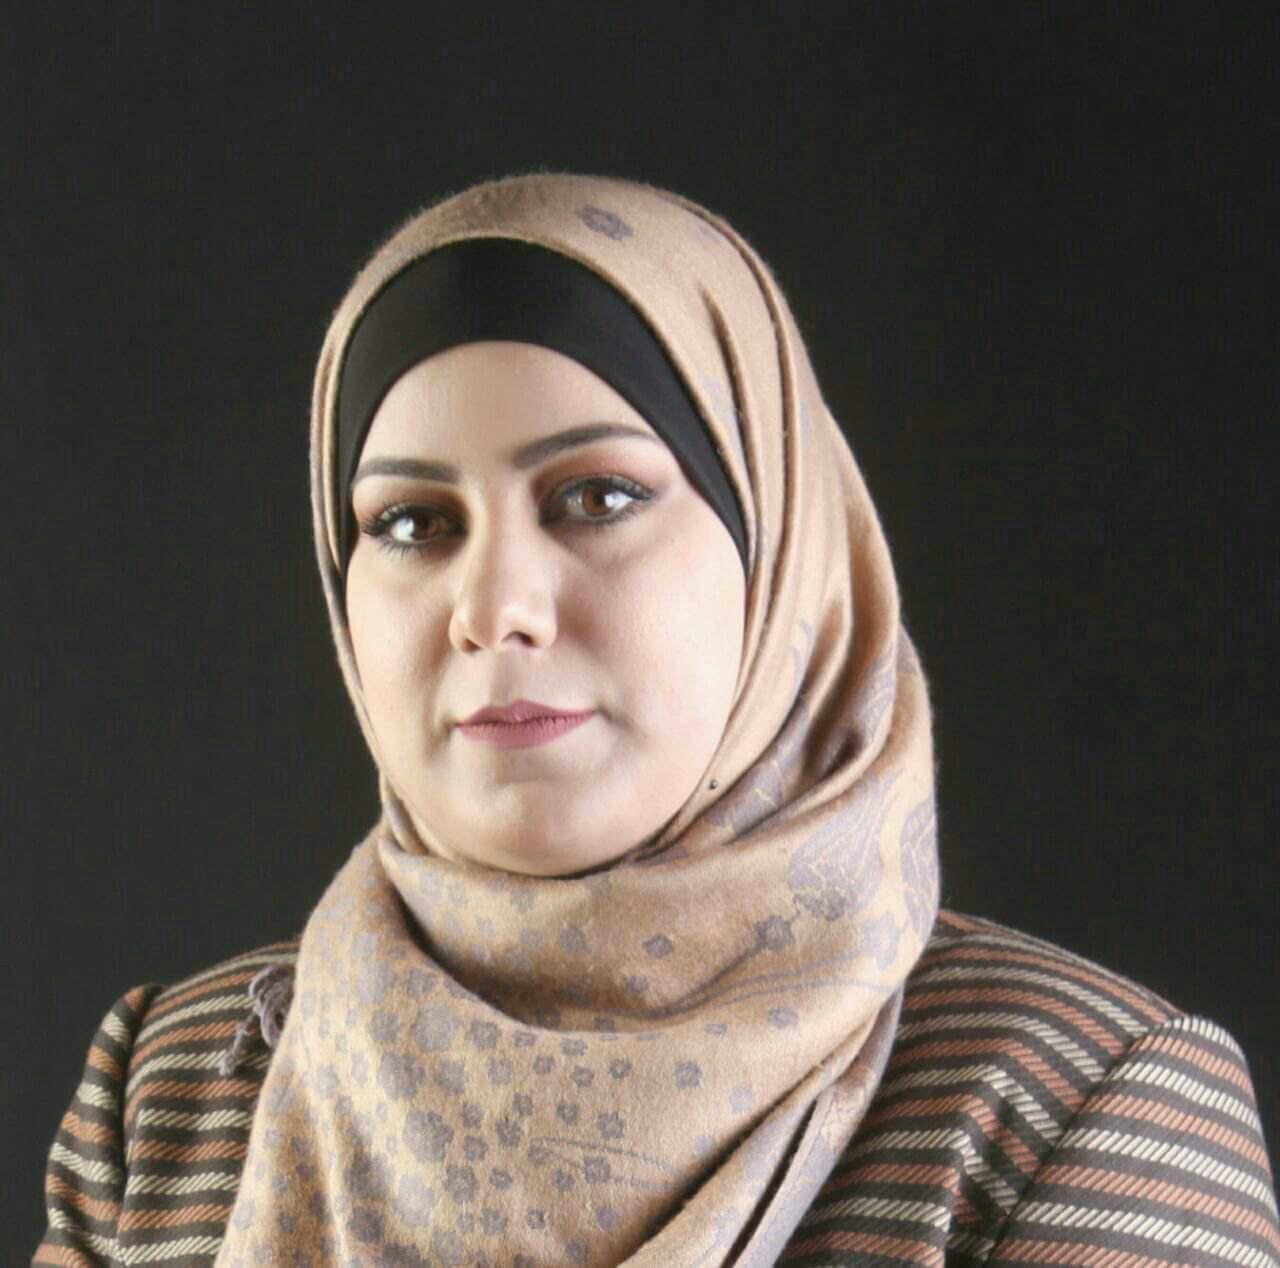 المرأة الأردنية  .. نحو وعي جديد بمخاطر التطرف